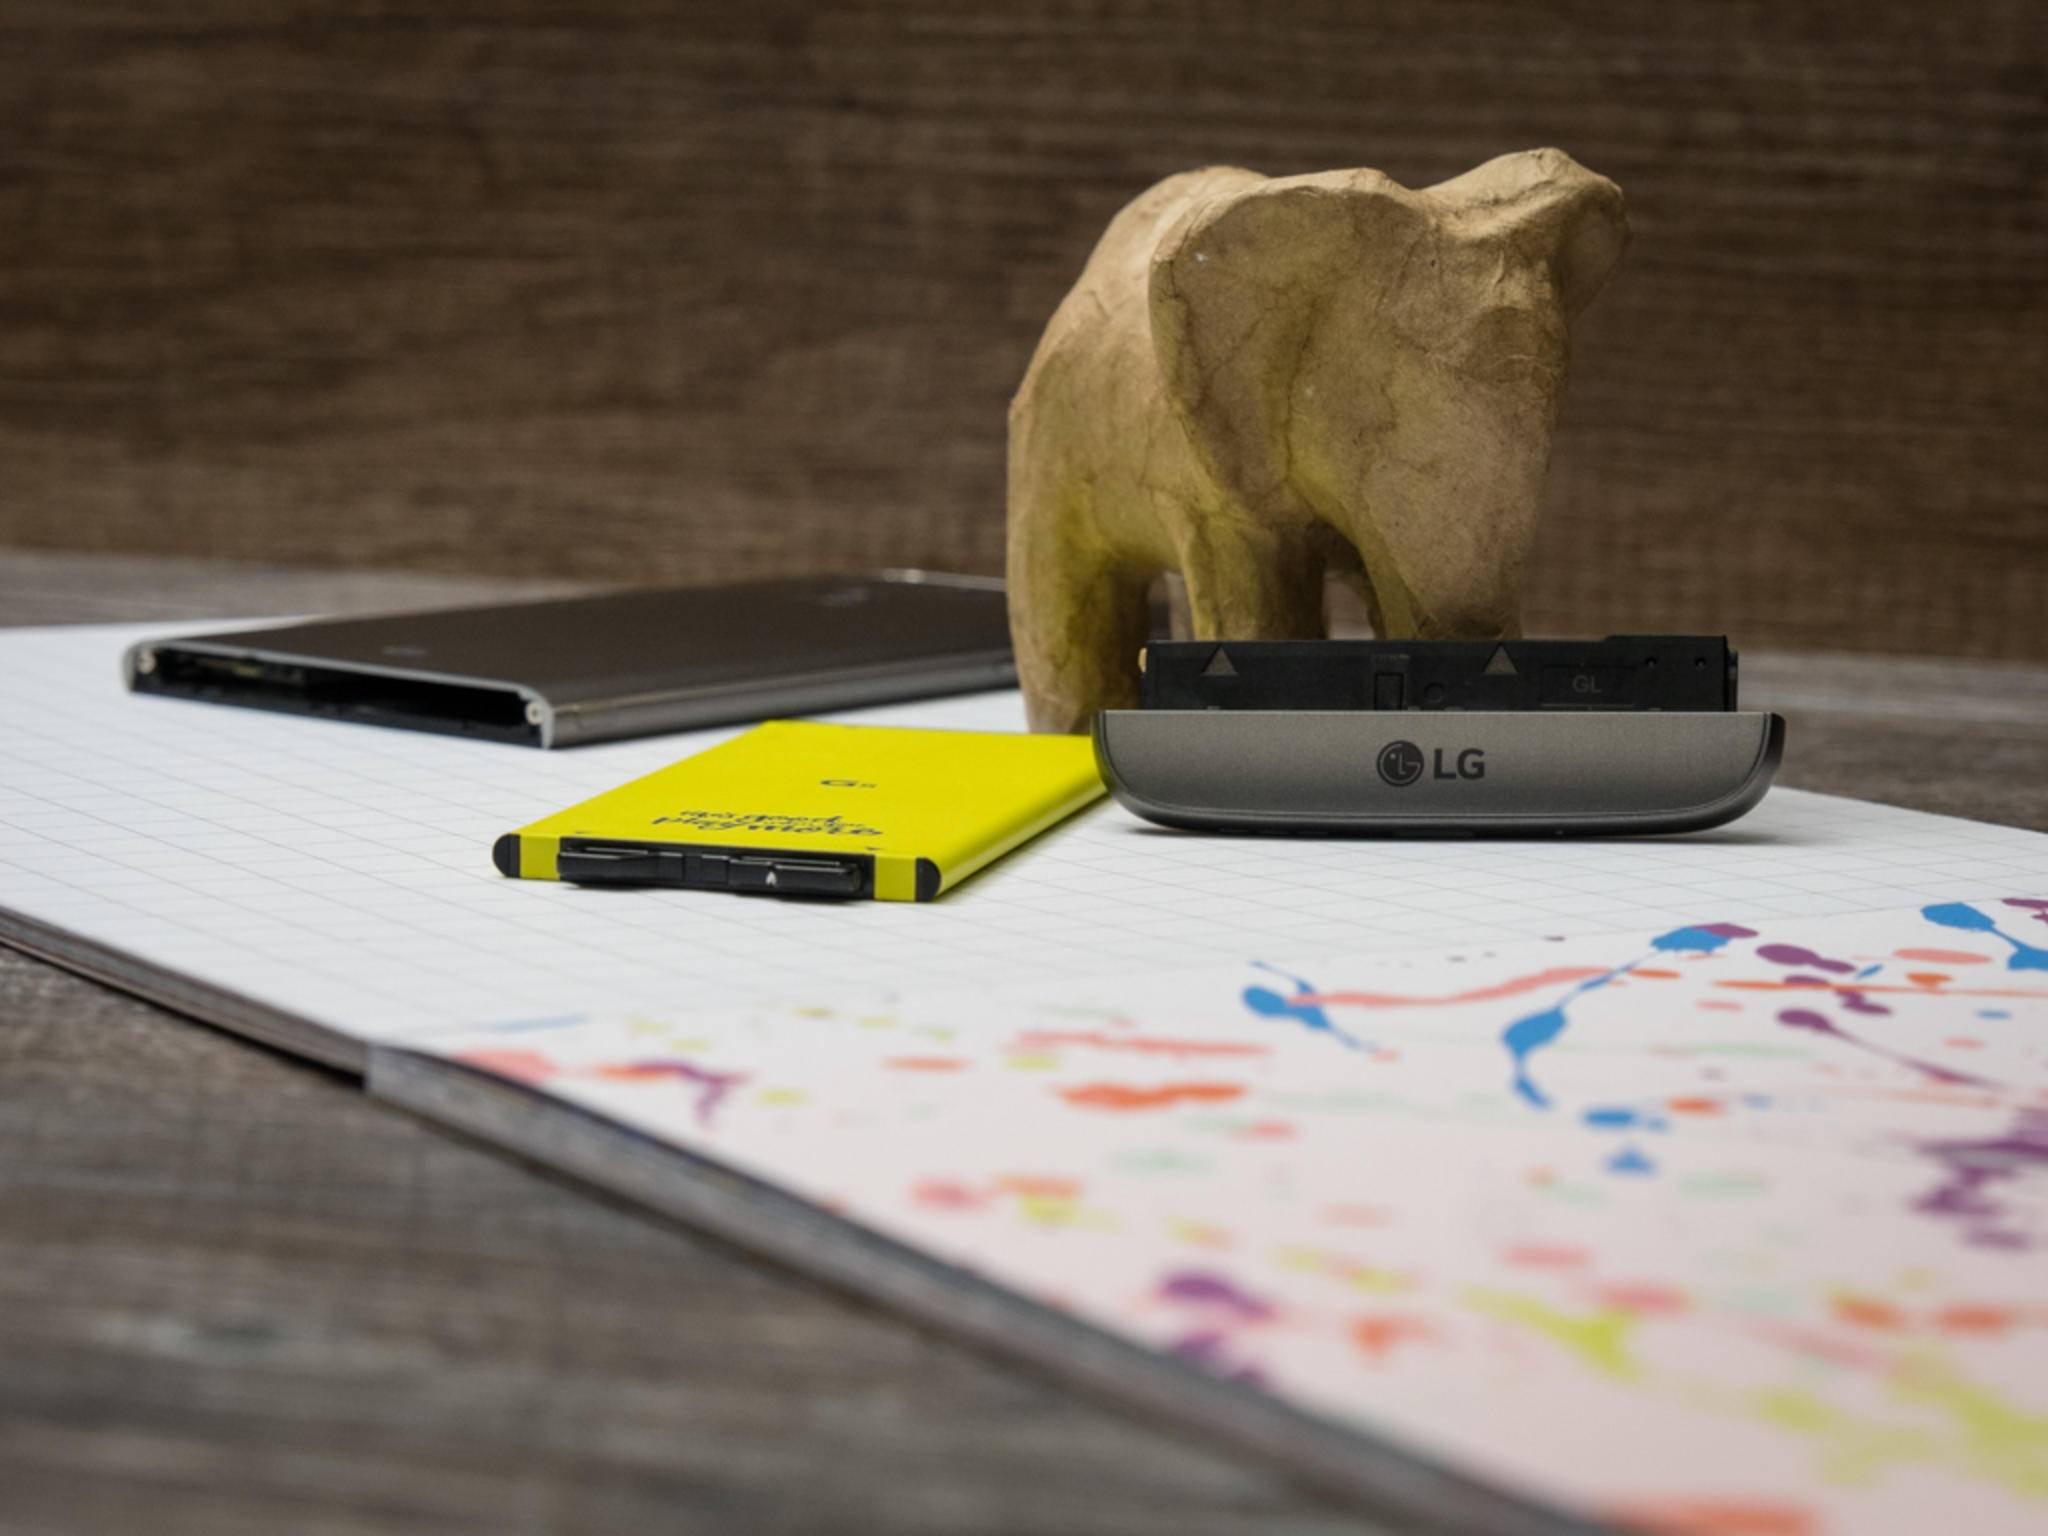 Das LG G5 hat mehr zu bieten als nur einen Wechsel-Akku.